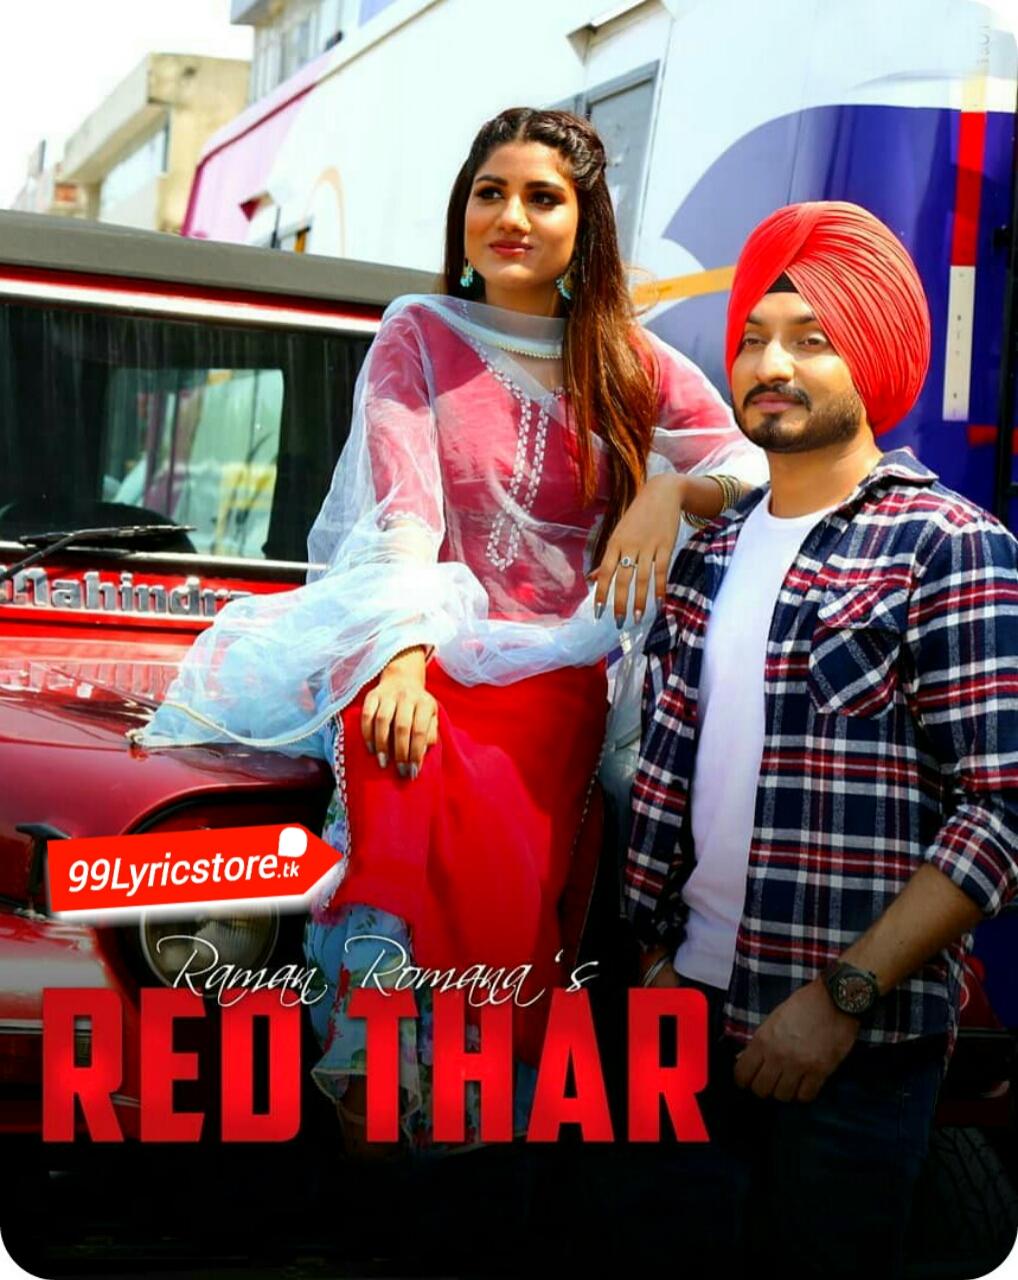 New Punjabi Song Lyrics 2018, RAMAN ROMANA FT Virasat Sandhu Song Lyrics, Virasat Sandhu images, Raman Romana Images, Saga Hits Song Lyrics 2018